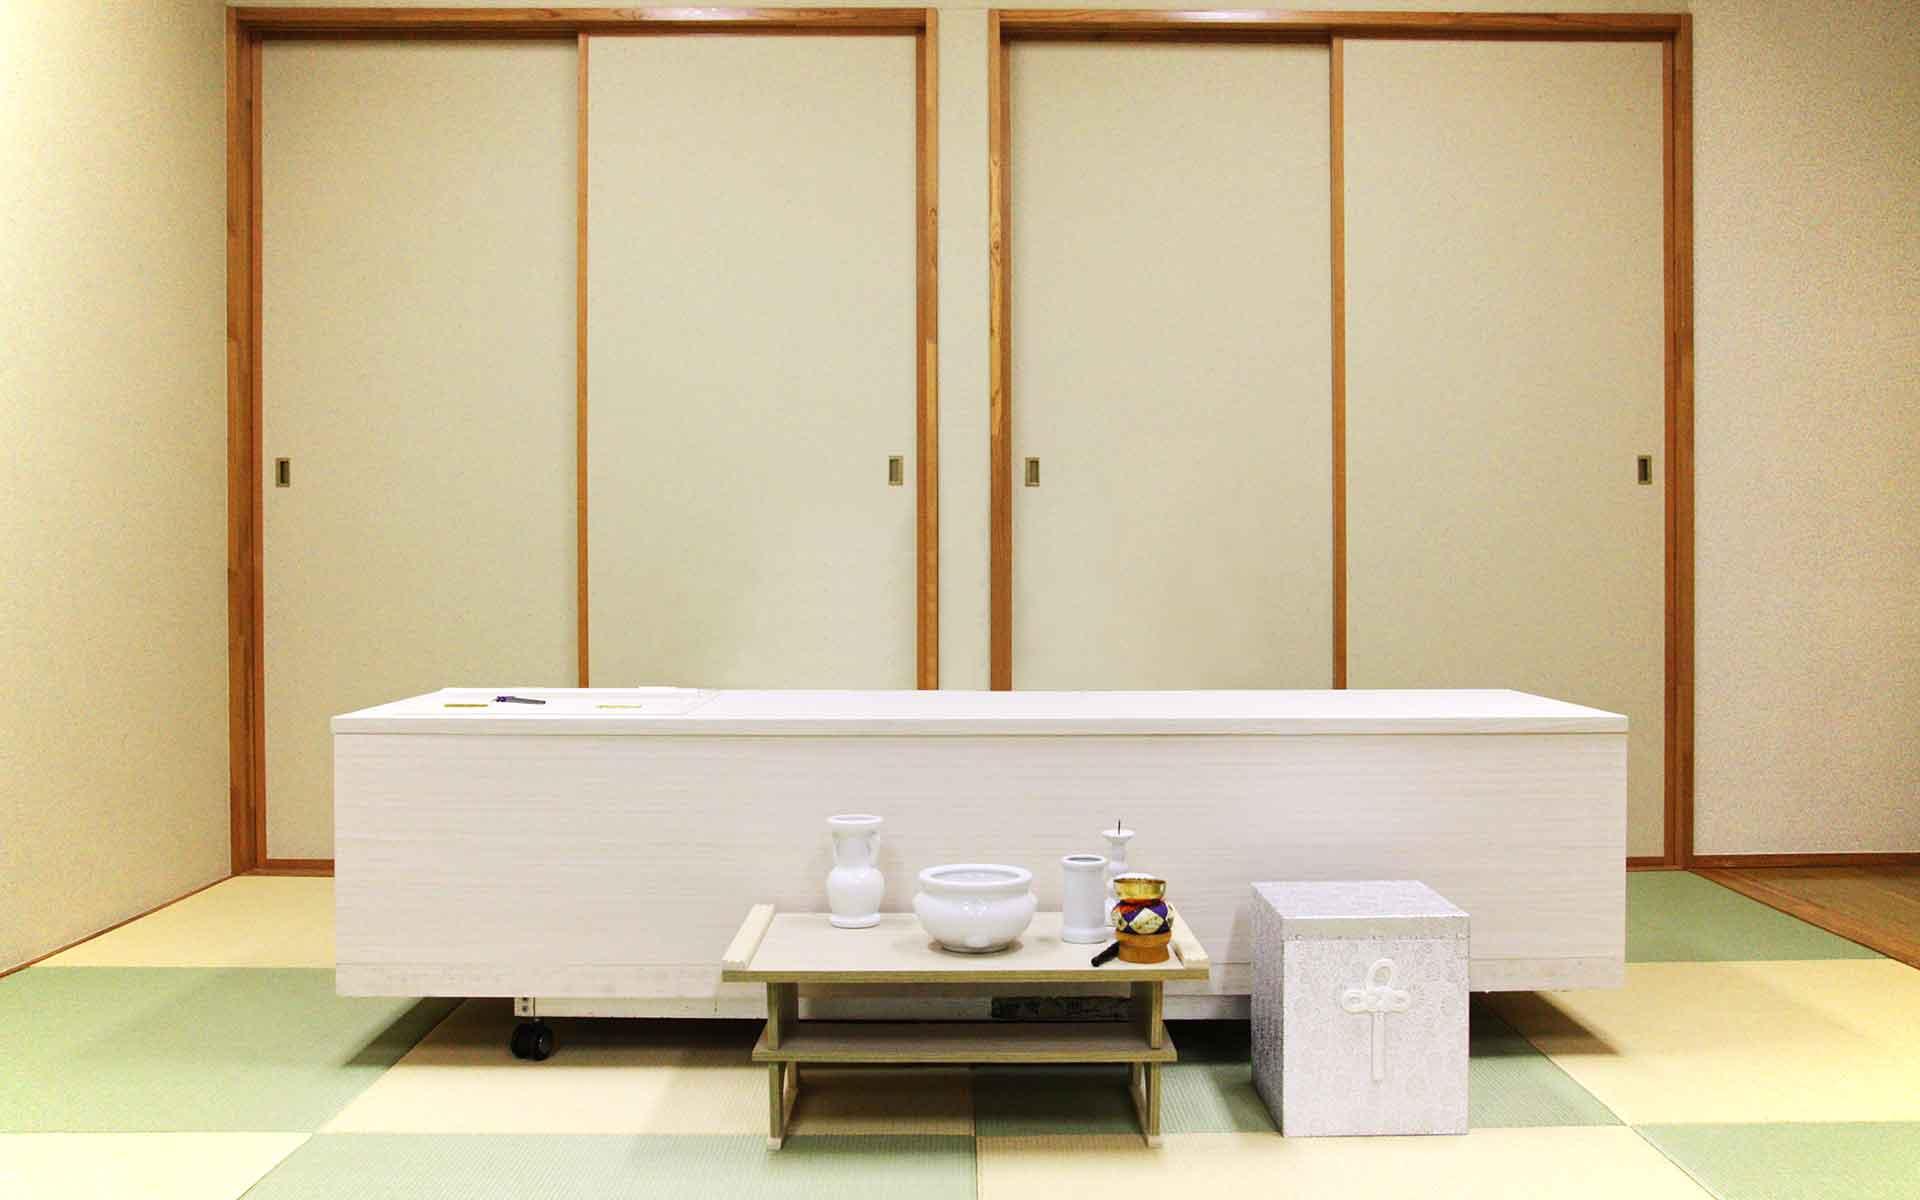 宇都宮/高根沢町で火葬式